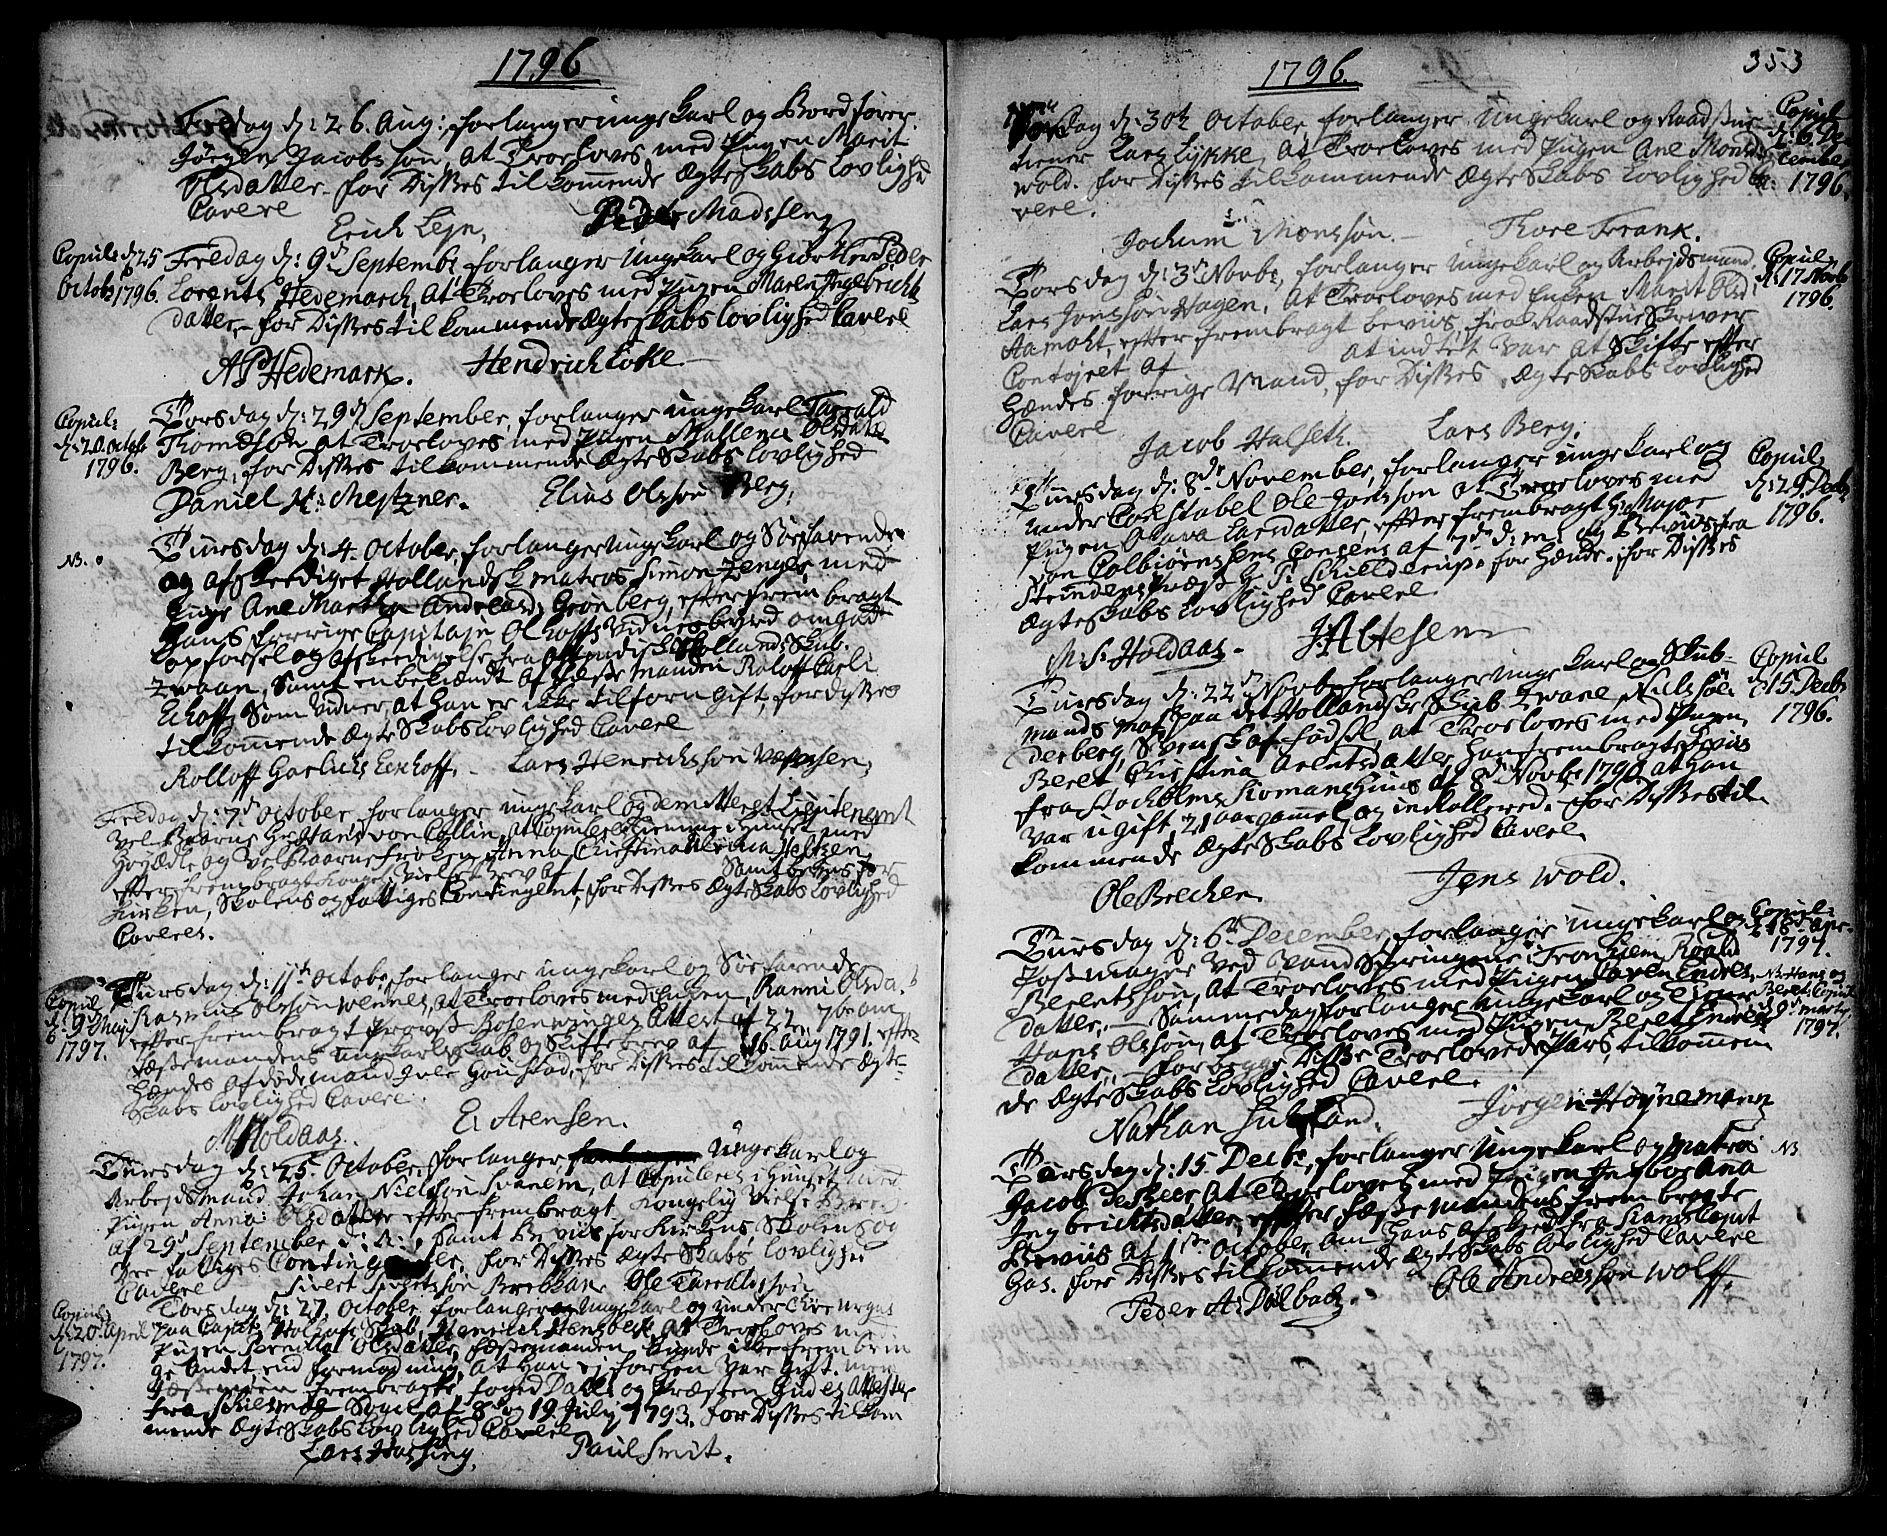 SAT, Ministerialprotokoller, klokkerbøker og fødselsregistre - Sør-Trøndelag, 601/L0038: Ministerialbok nr. 601A06, 1766-1877, s. 353